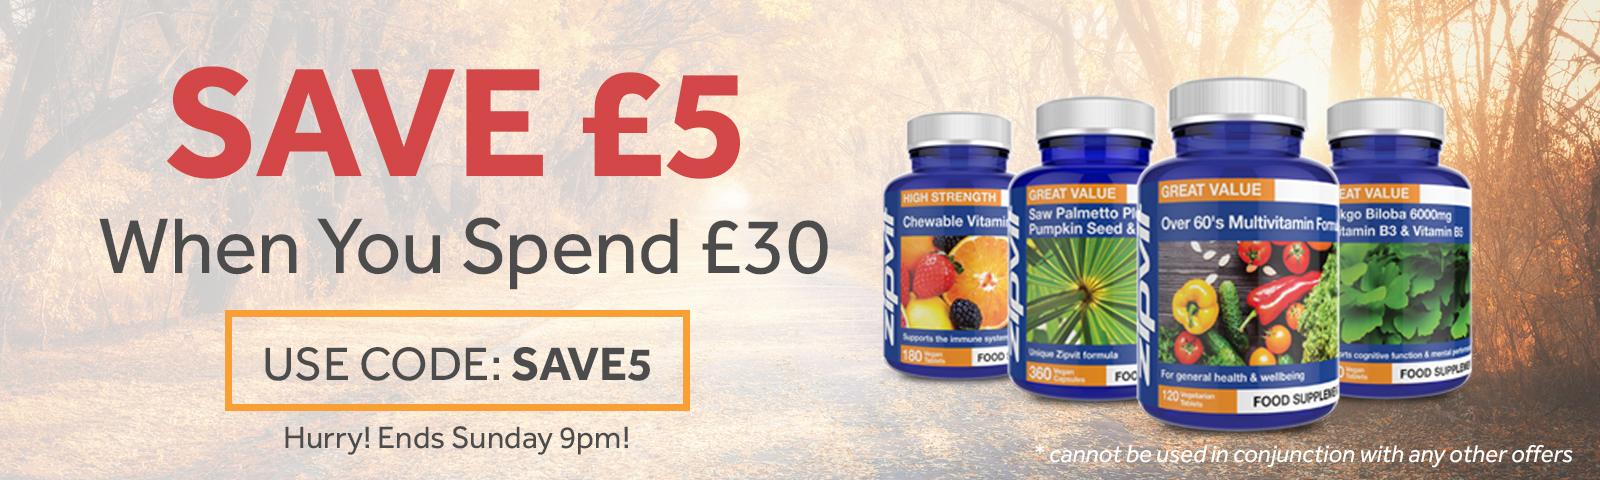 Save £5 this week